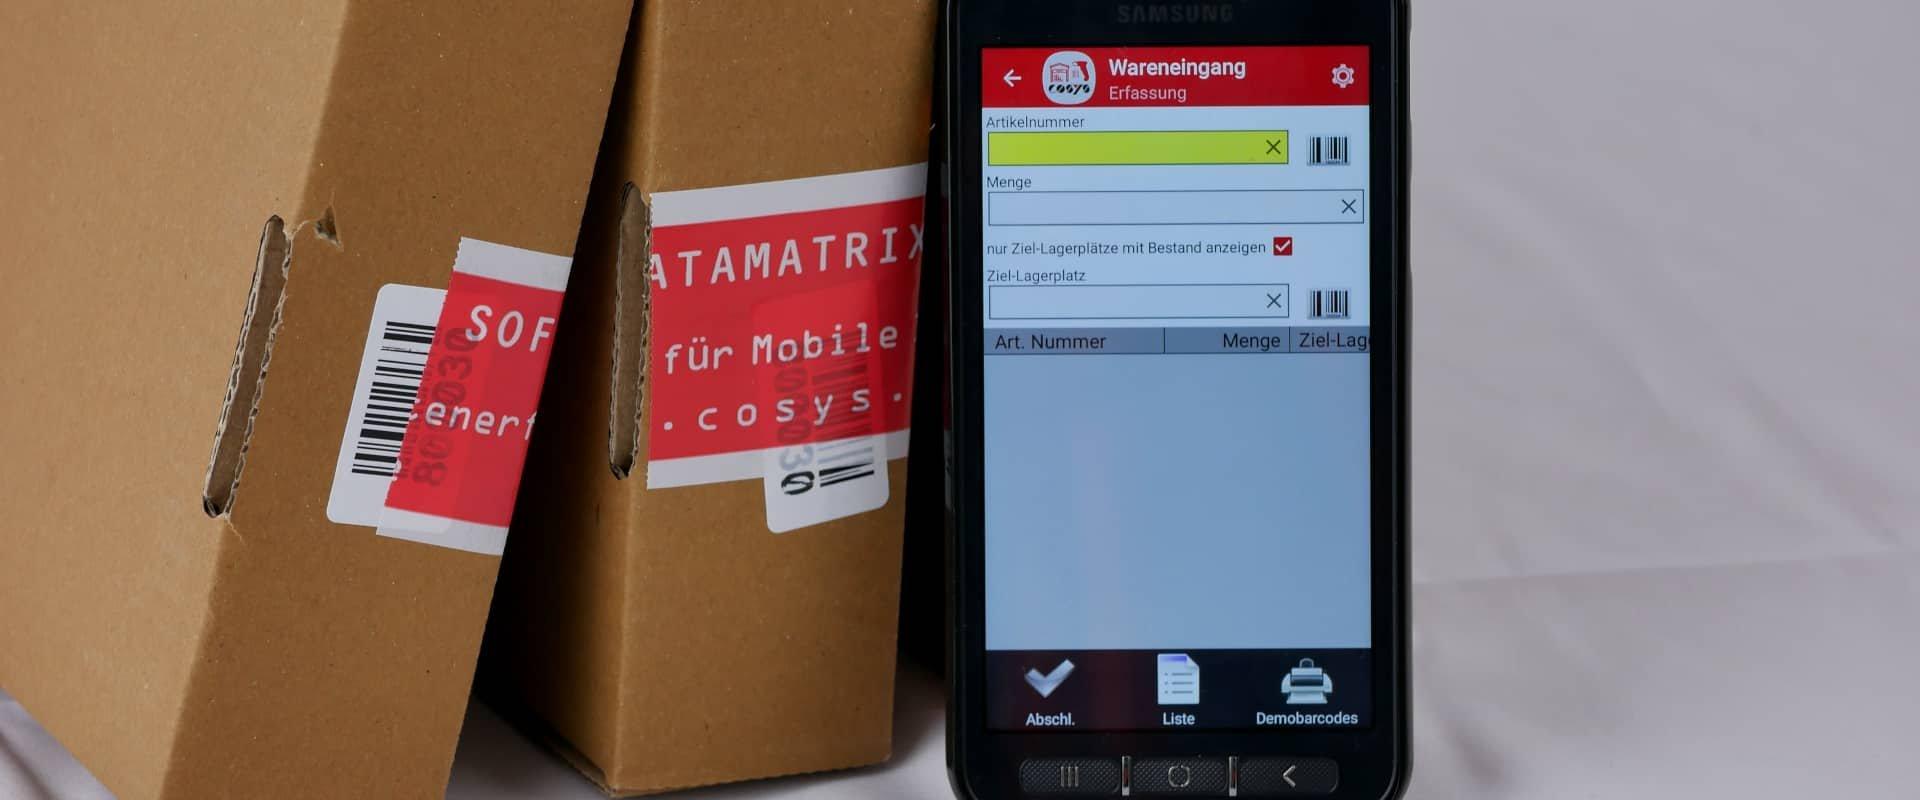 COSYS mobile App digitalisiert Ihr Lager -jetzt als Testversion verfügbar